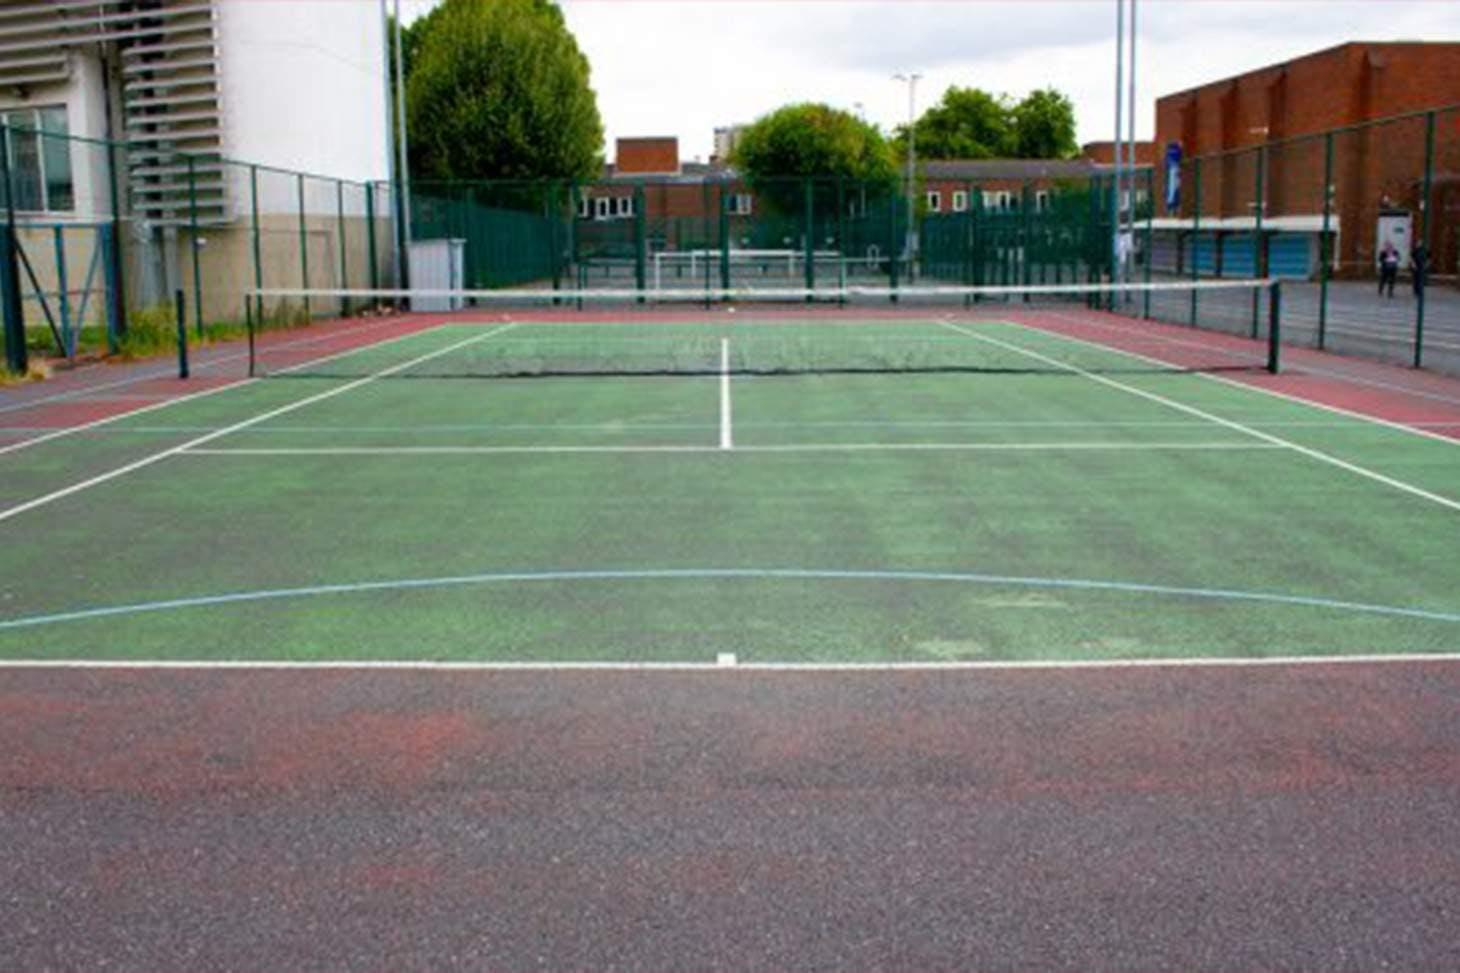 Clapton Girls' School Court | Concrete tennis court